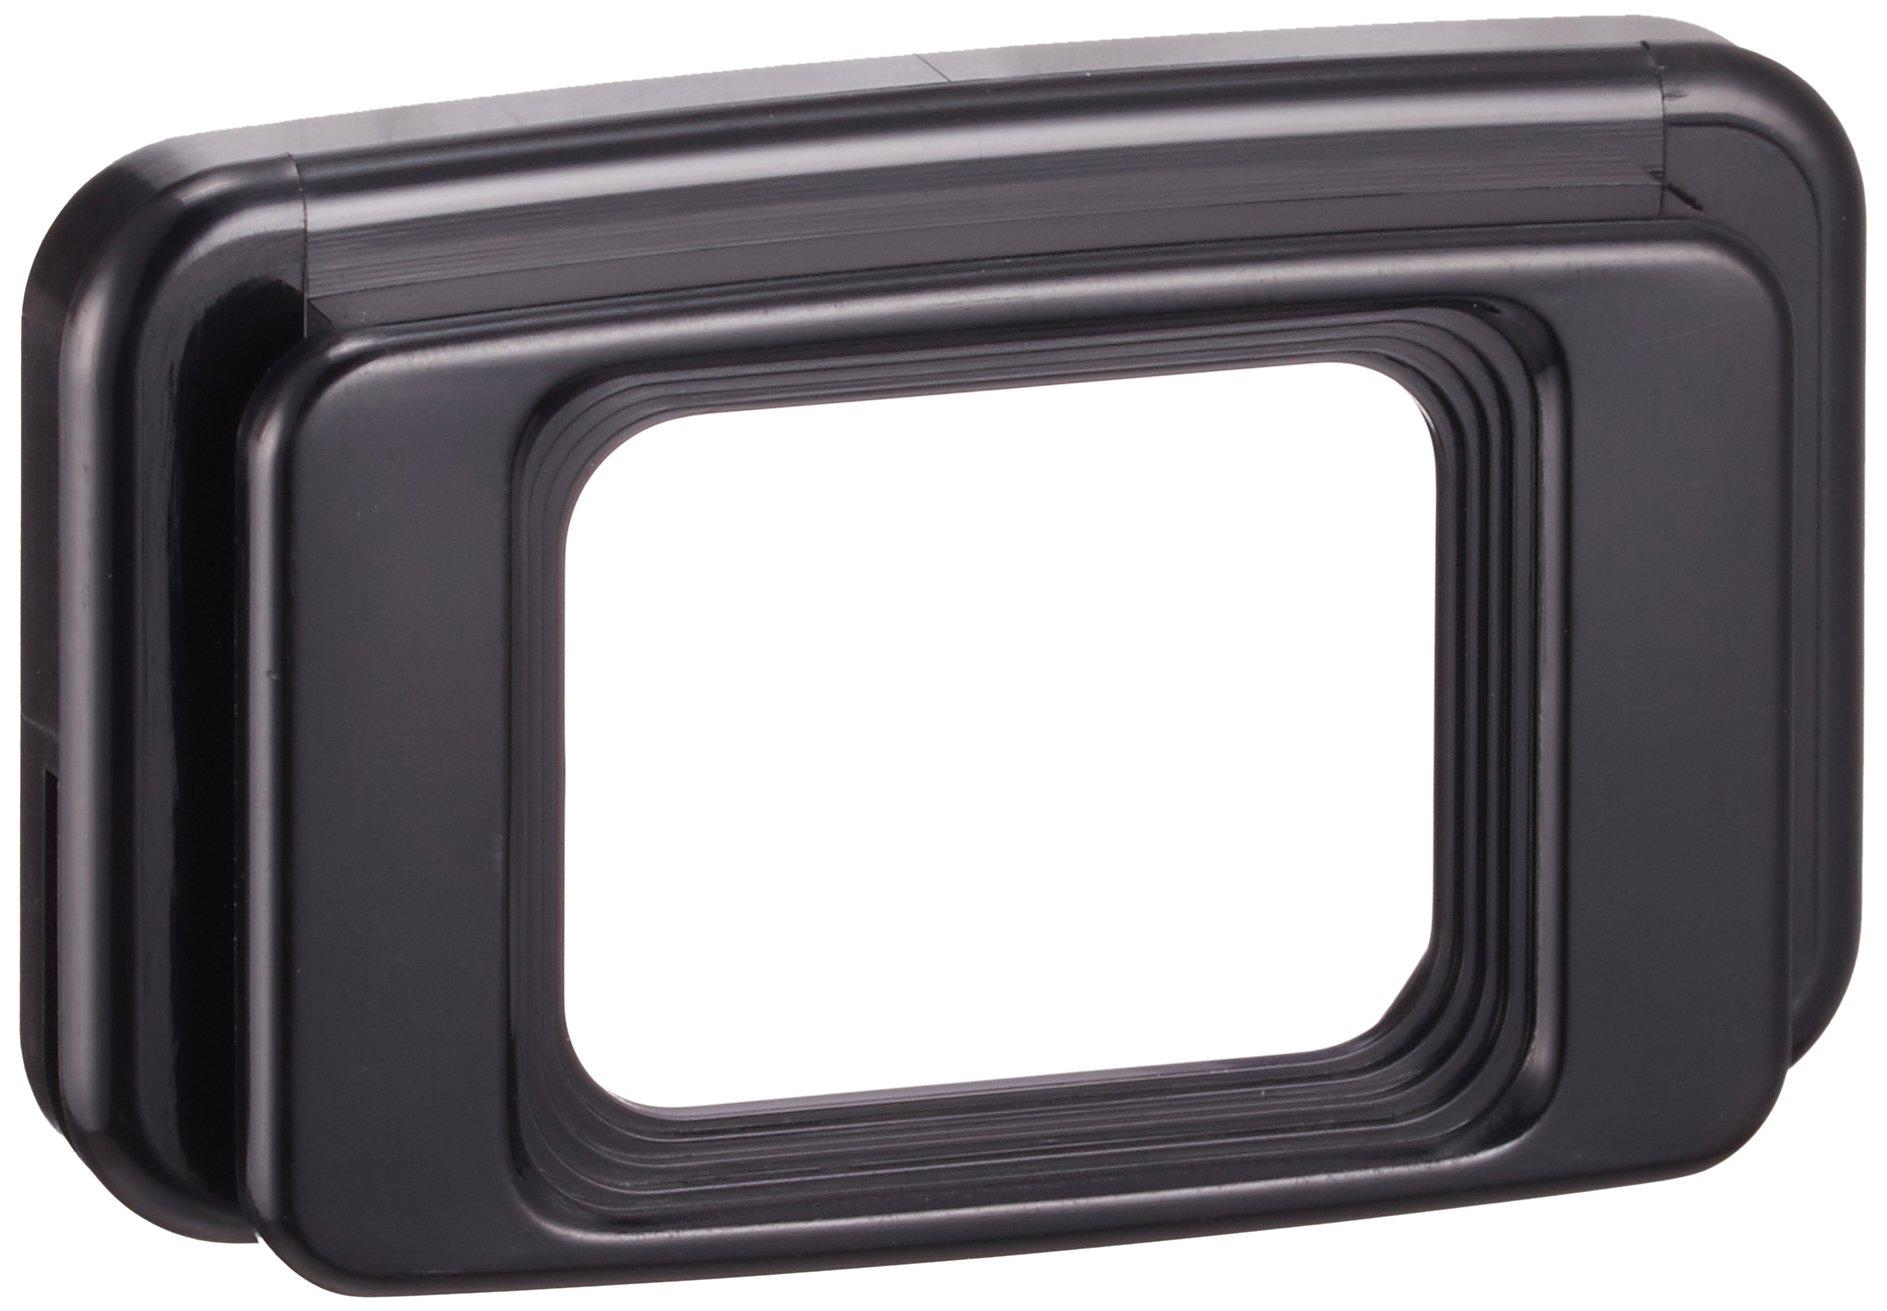 Nikon Diopter -3.0 Correction Eyepiece for D50/70/70S/100/200, N50/60/65/70/80/6006, Pronea, FM10 cameras by Nikon